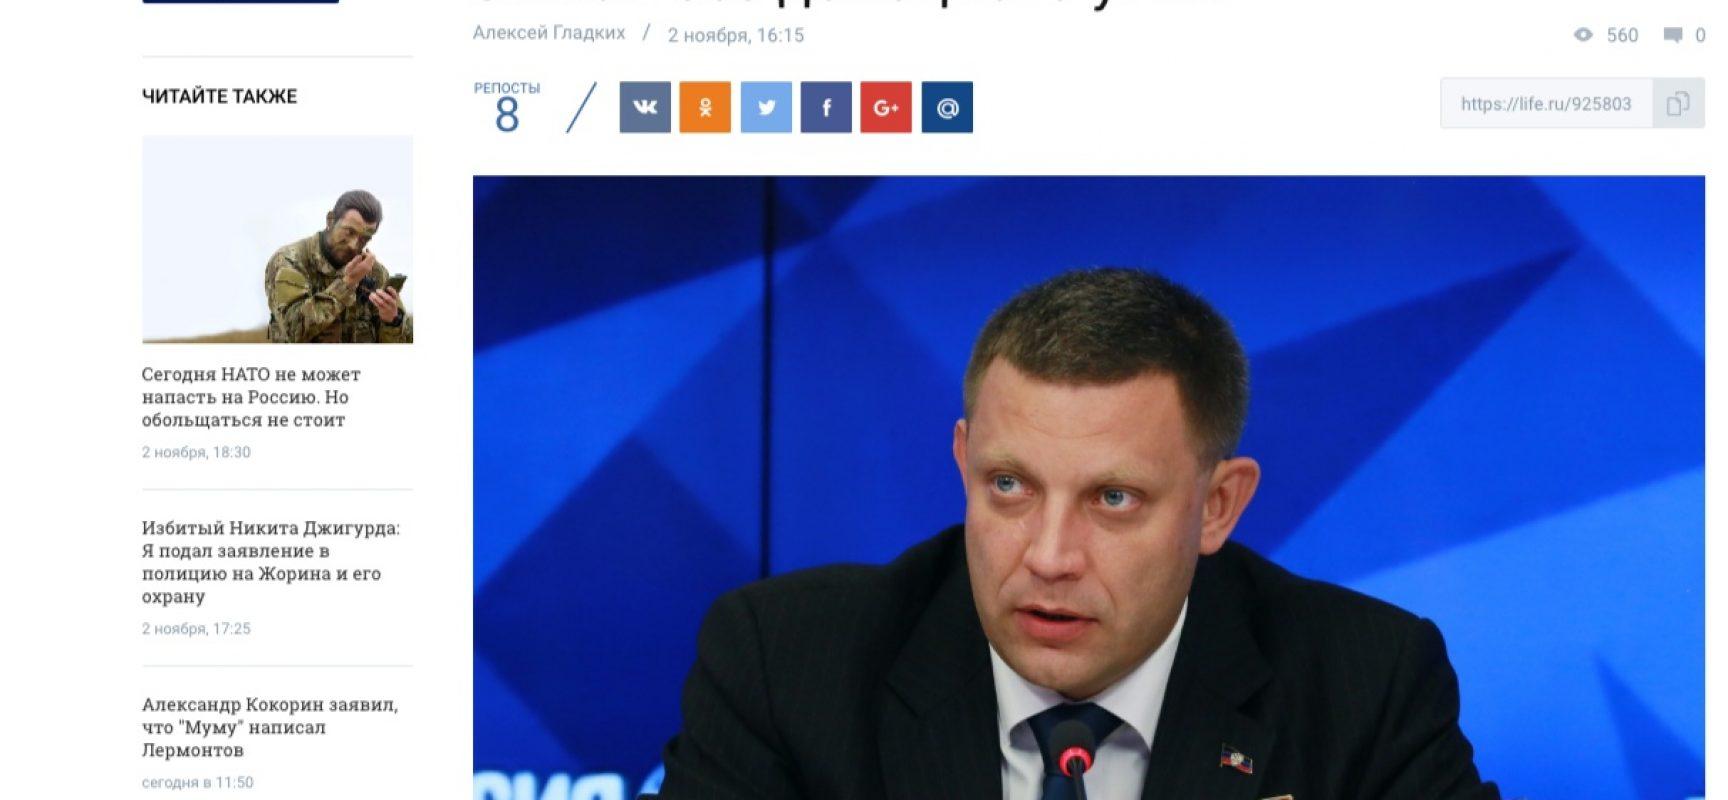 Ucraina non riuscirà a passare l'inverno senza il carbone di Donetsk